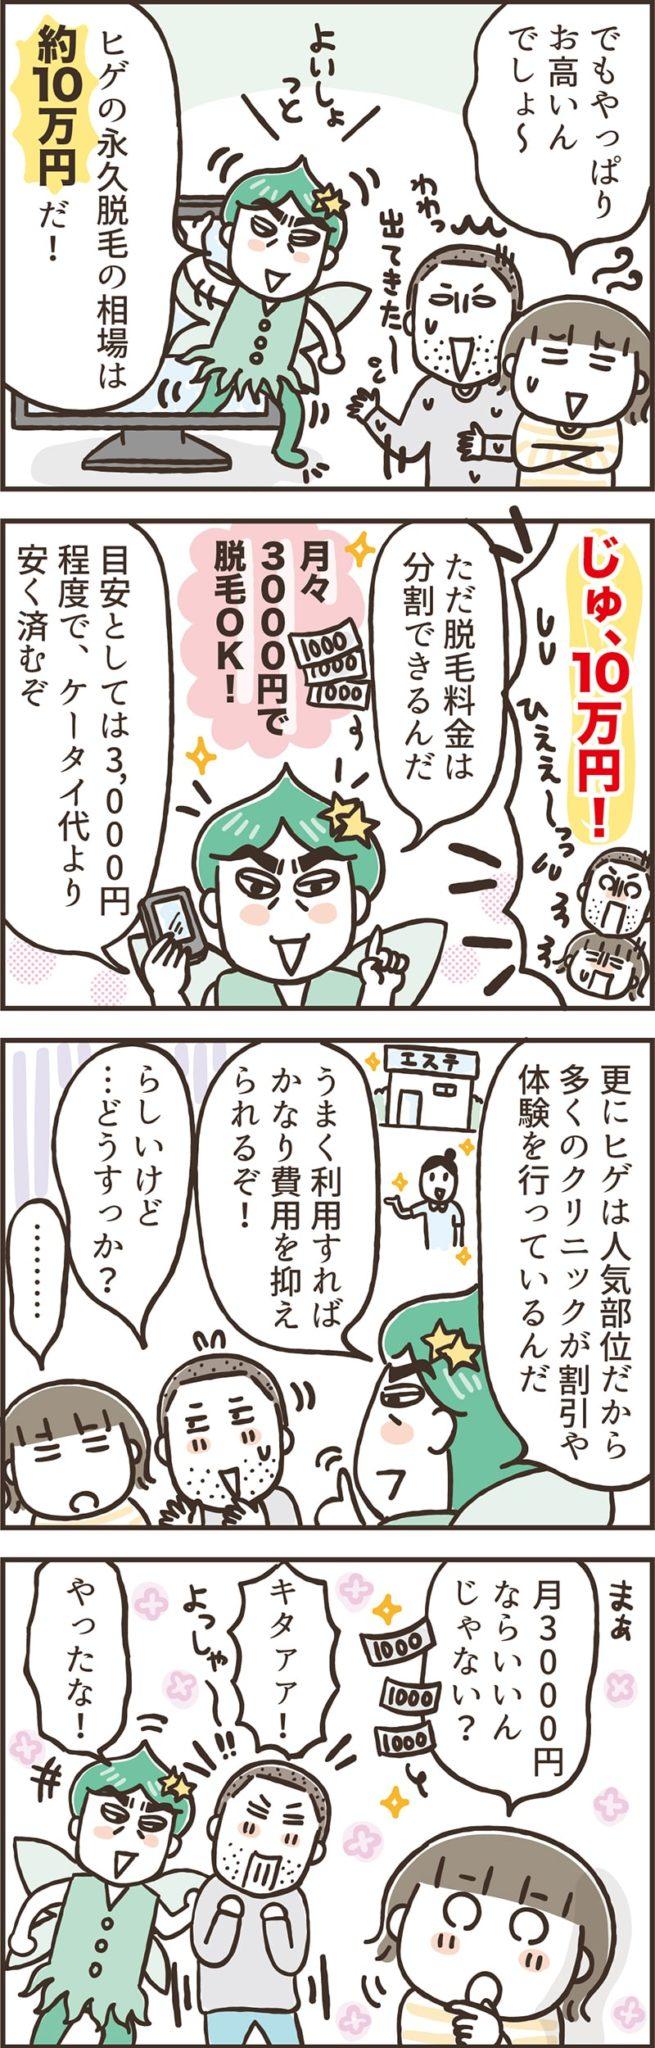 ヒゲ脱毛を4コマ漫画で解説「ヒゲ脱毛の相場は約10万円」